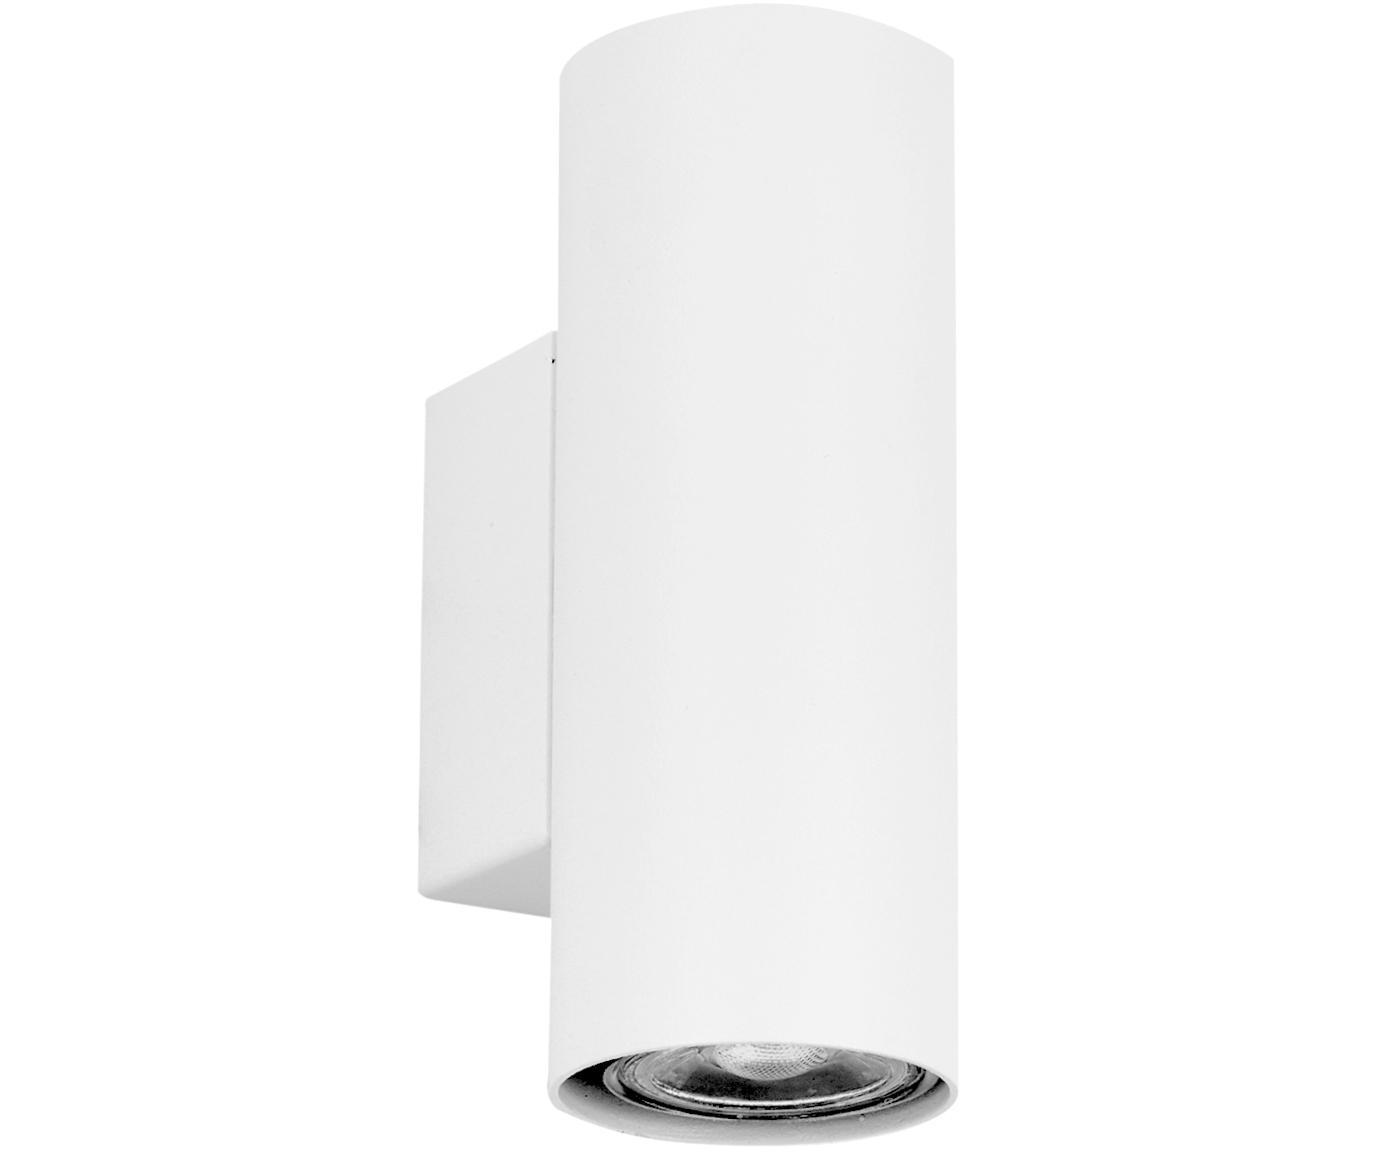 Kinkiet LED Paul, Metal malowany proszkowo, Biały, S 6 x W 9 cm